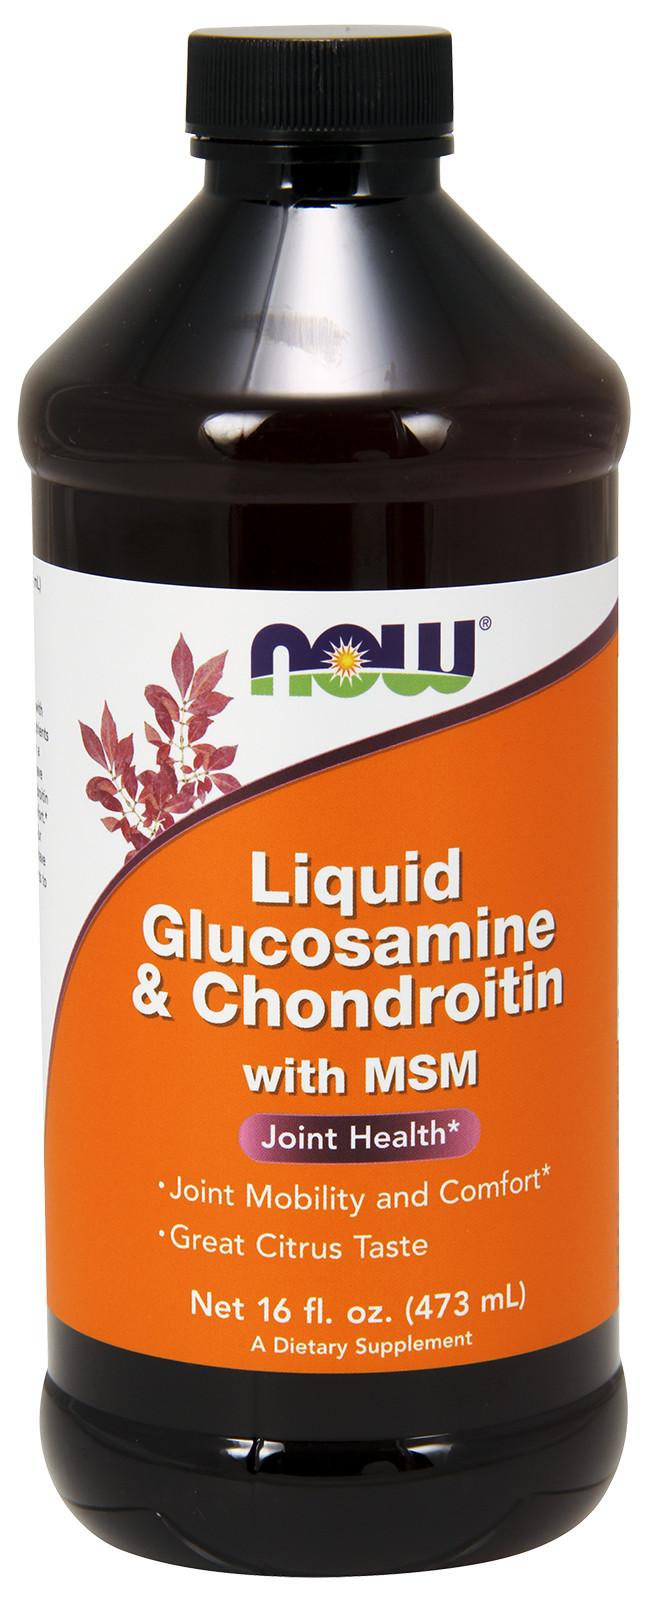 Glucosamine & Chondroitin with MSM - 473ml. versandkostenfrei/portofrei bestellen/kaufen